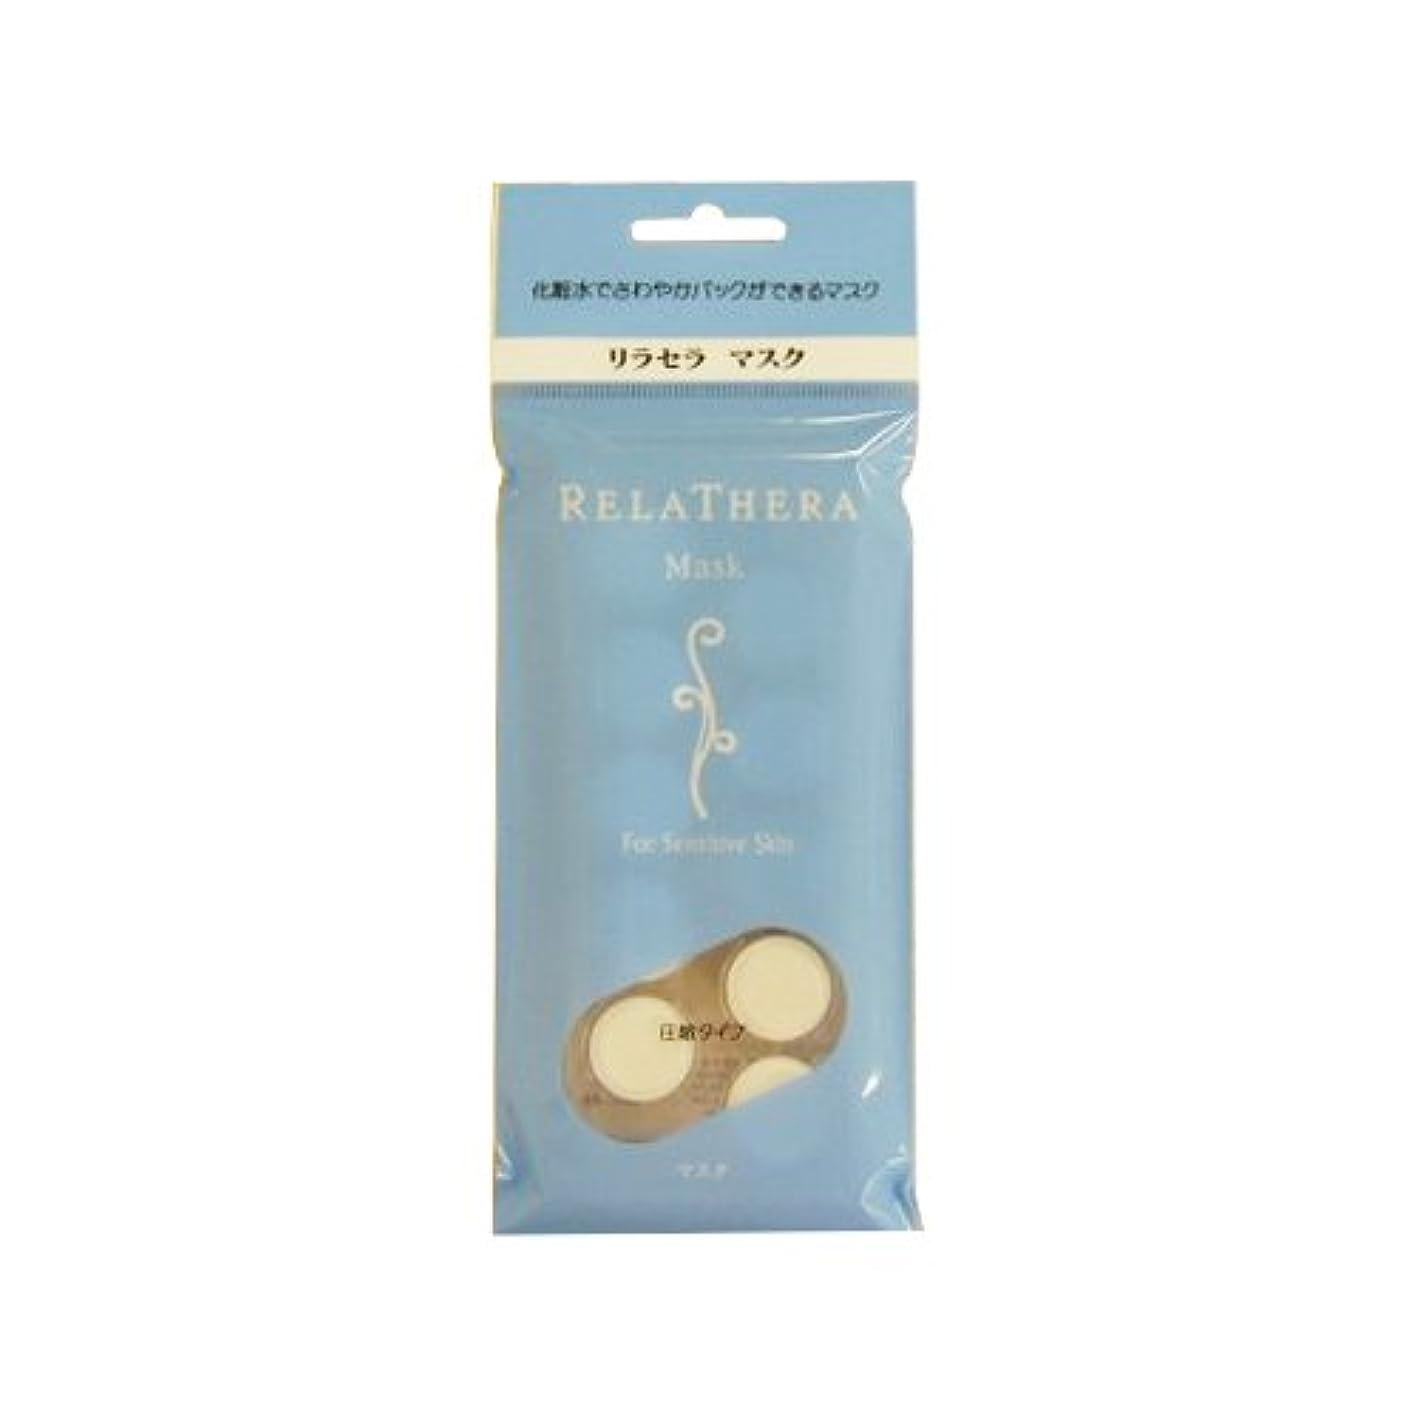 散るノミネート湿度リラセラ マスク (10個入)